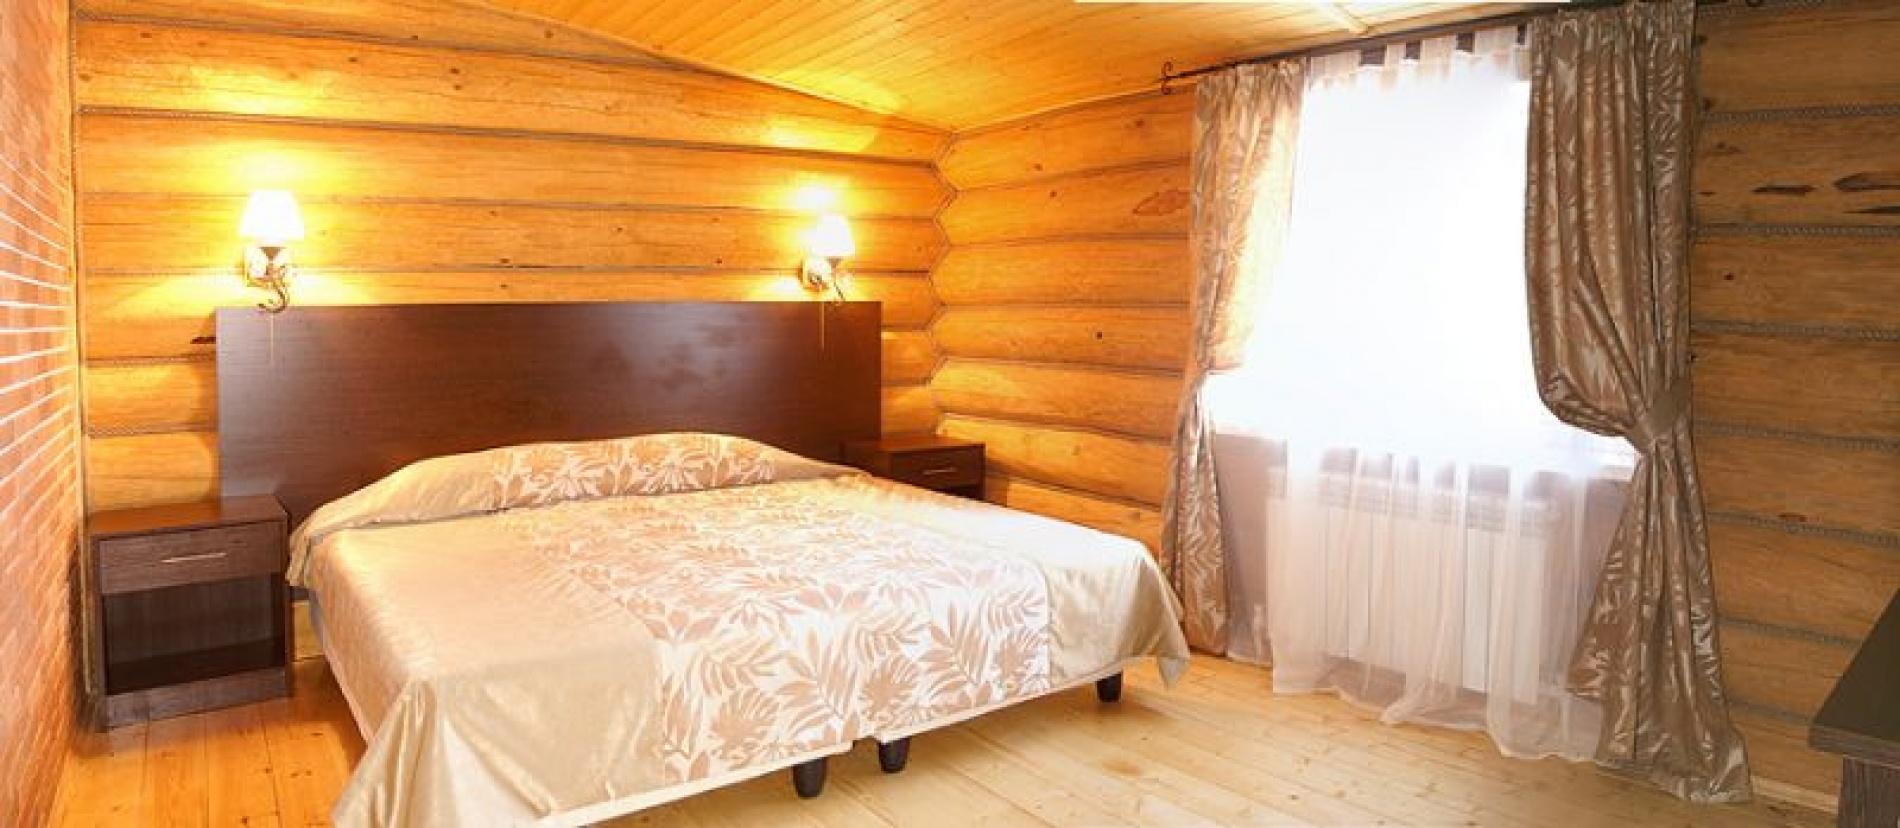 Парк-отель «Ярославль» Ярославская область Коттедж «Финский», фото 1